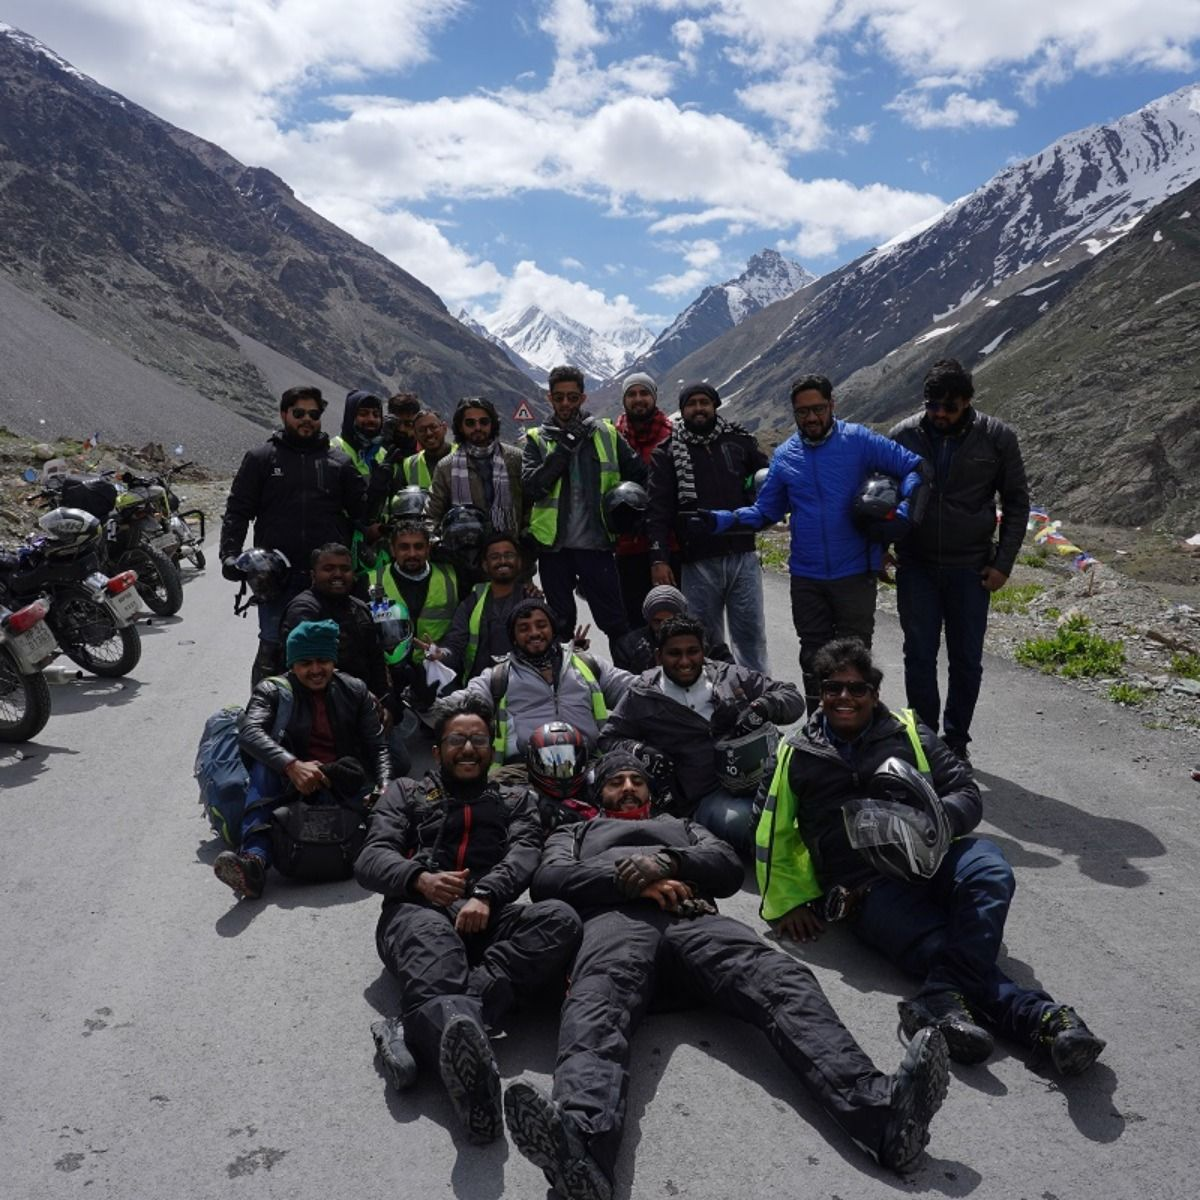 Bike Road Trip To Leh Ladakh Trip Road Trip Bike Tour